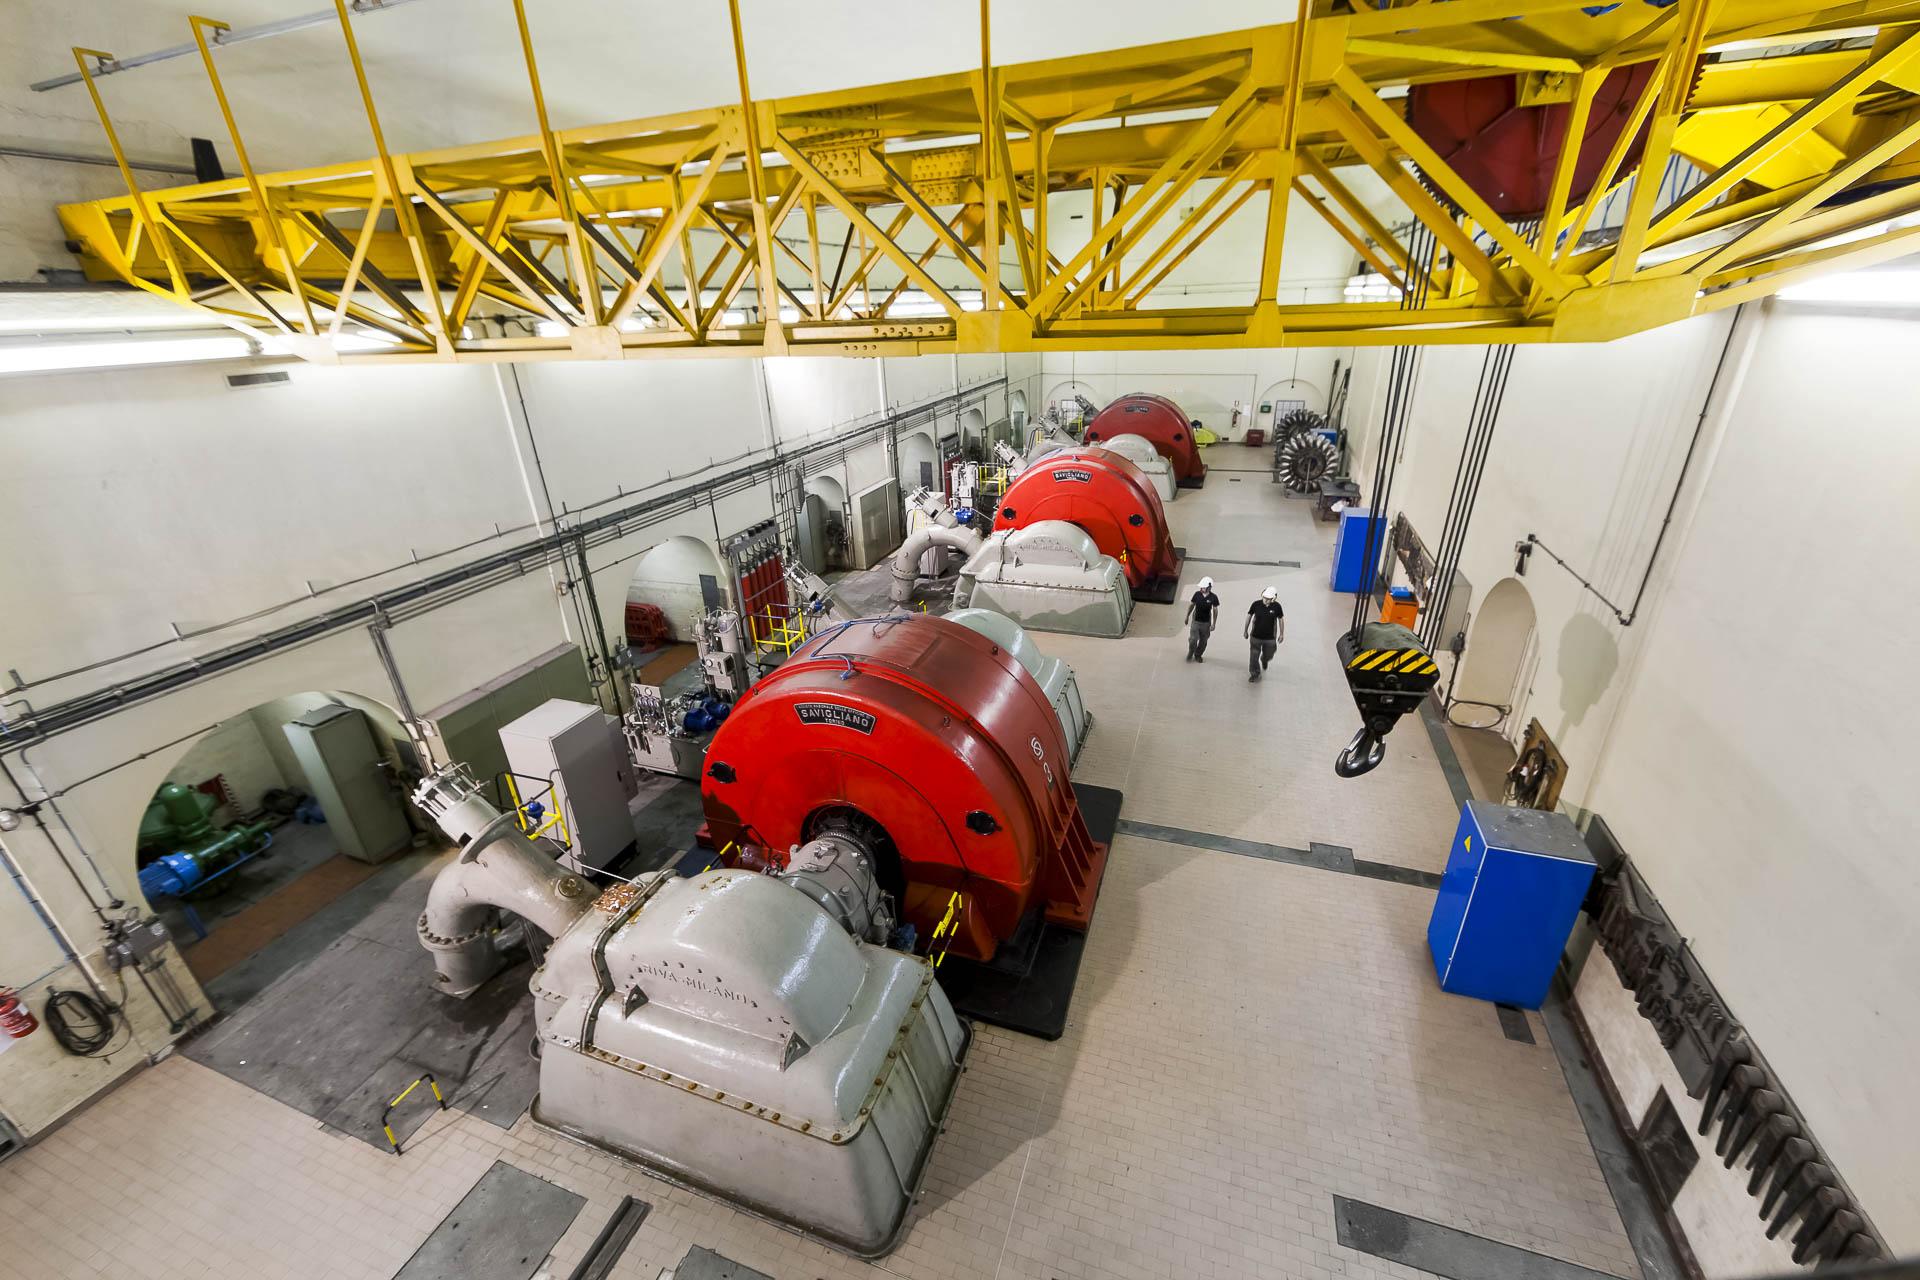 Centrale idroelettrica di Signayes produzione gruppo CVA